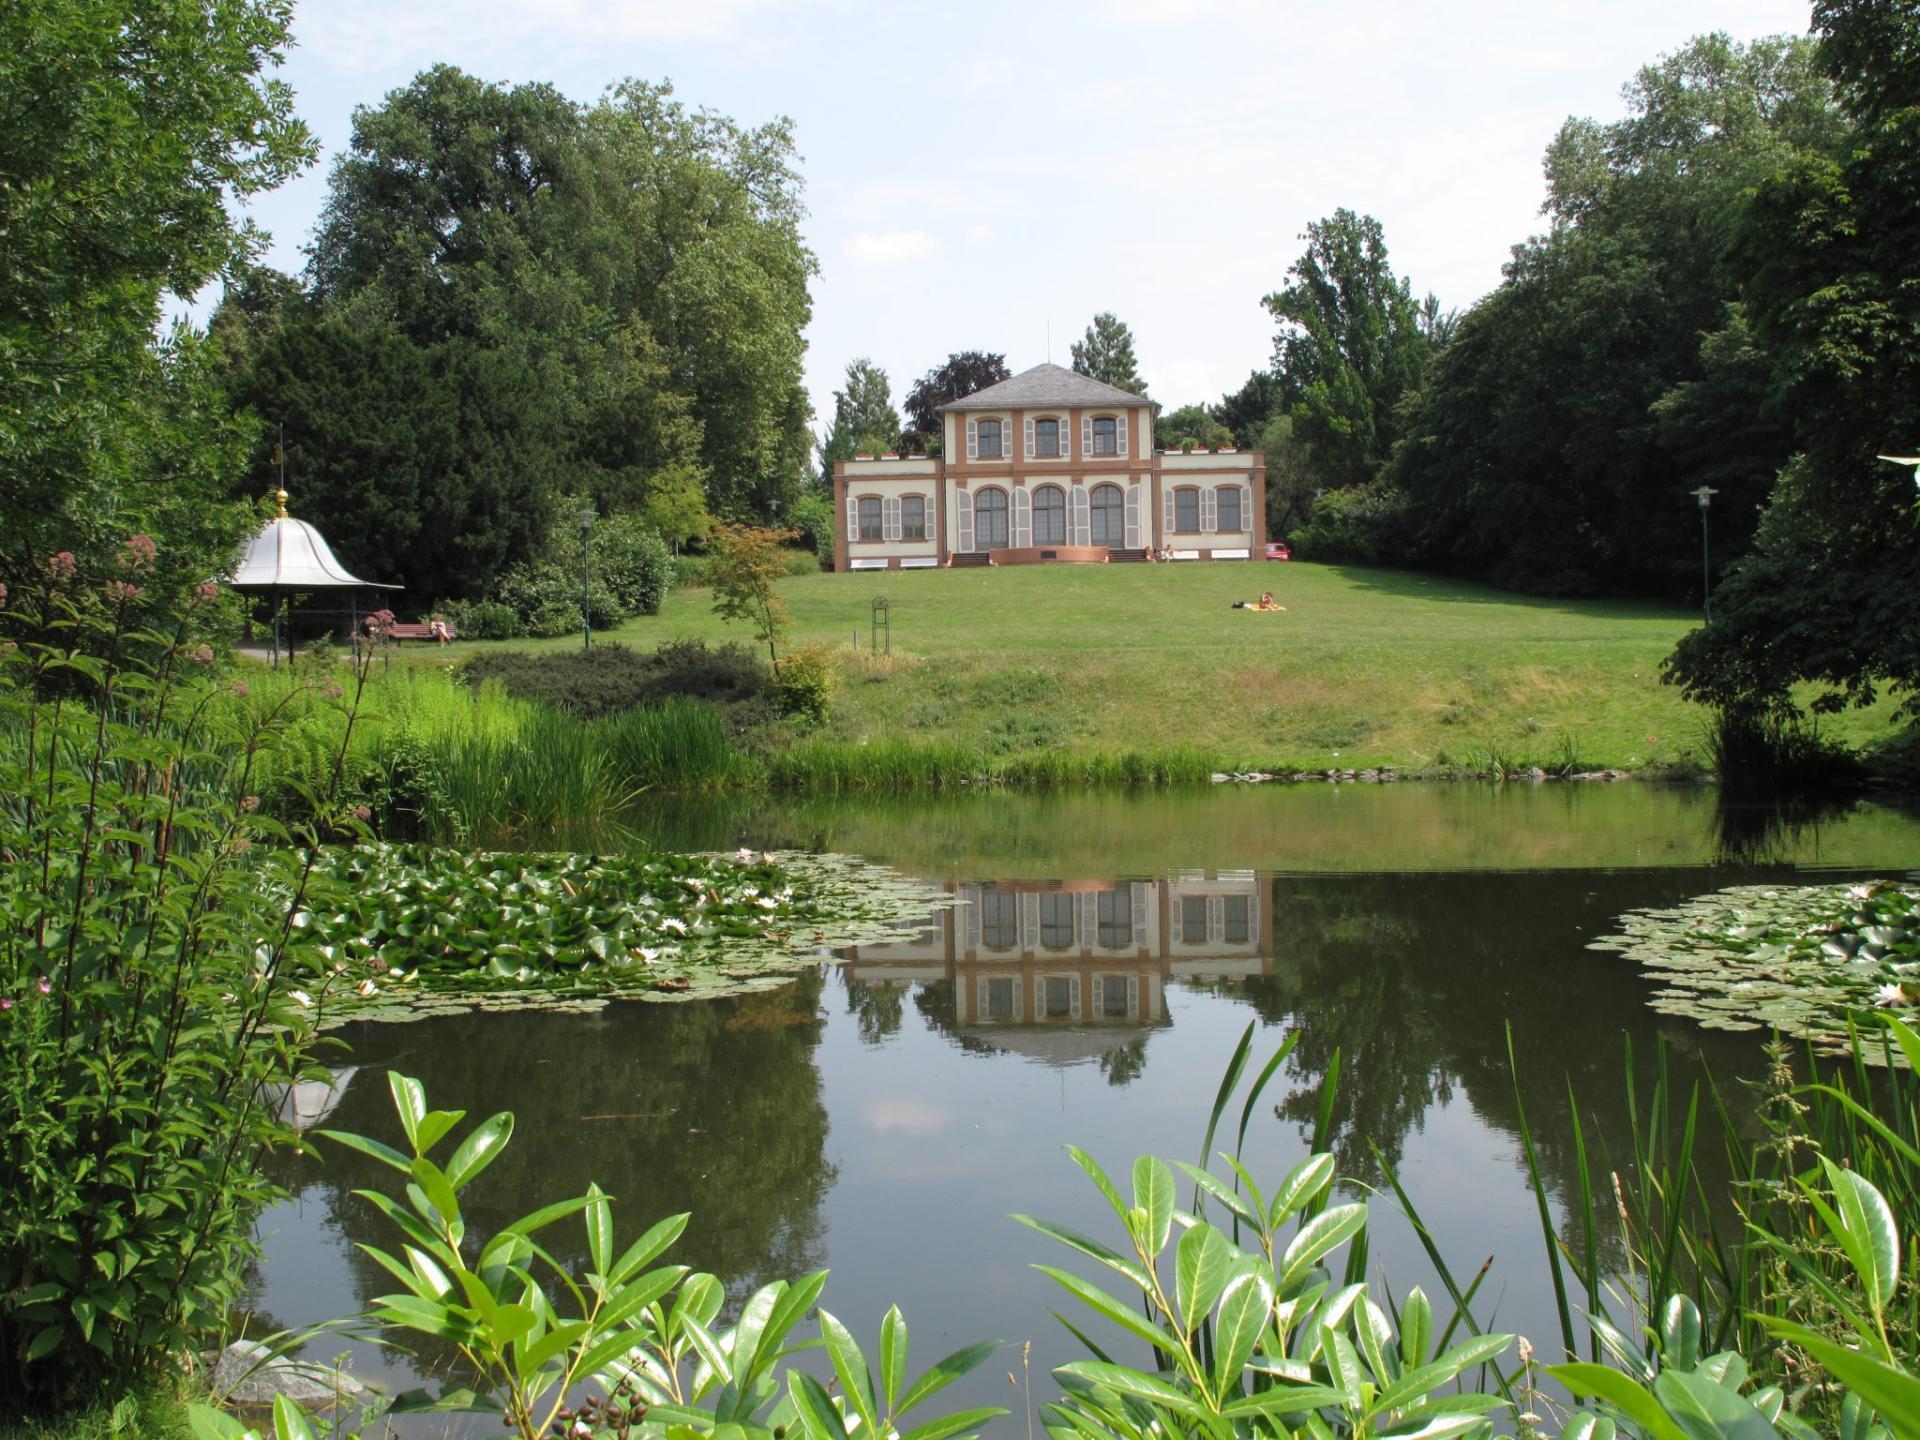 Historisches Barock Schlösschen mitten im Park mit kleinem See